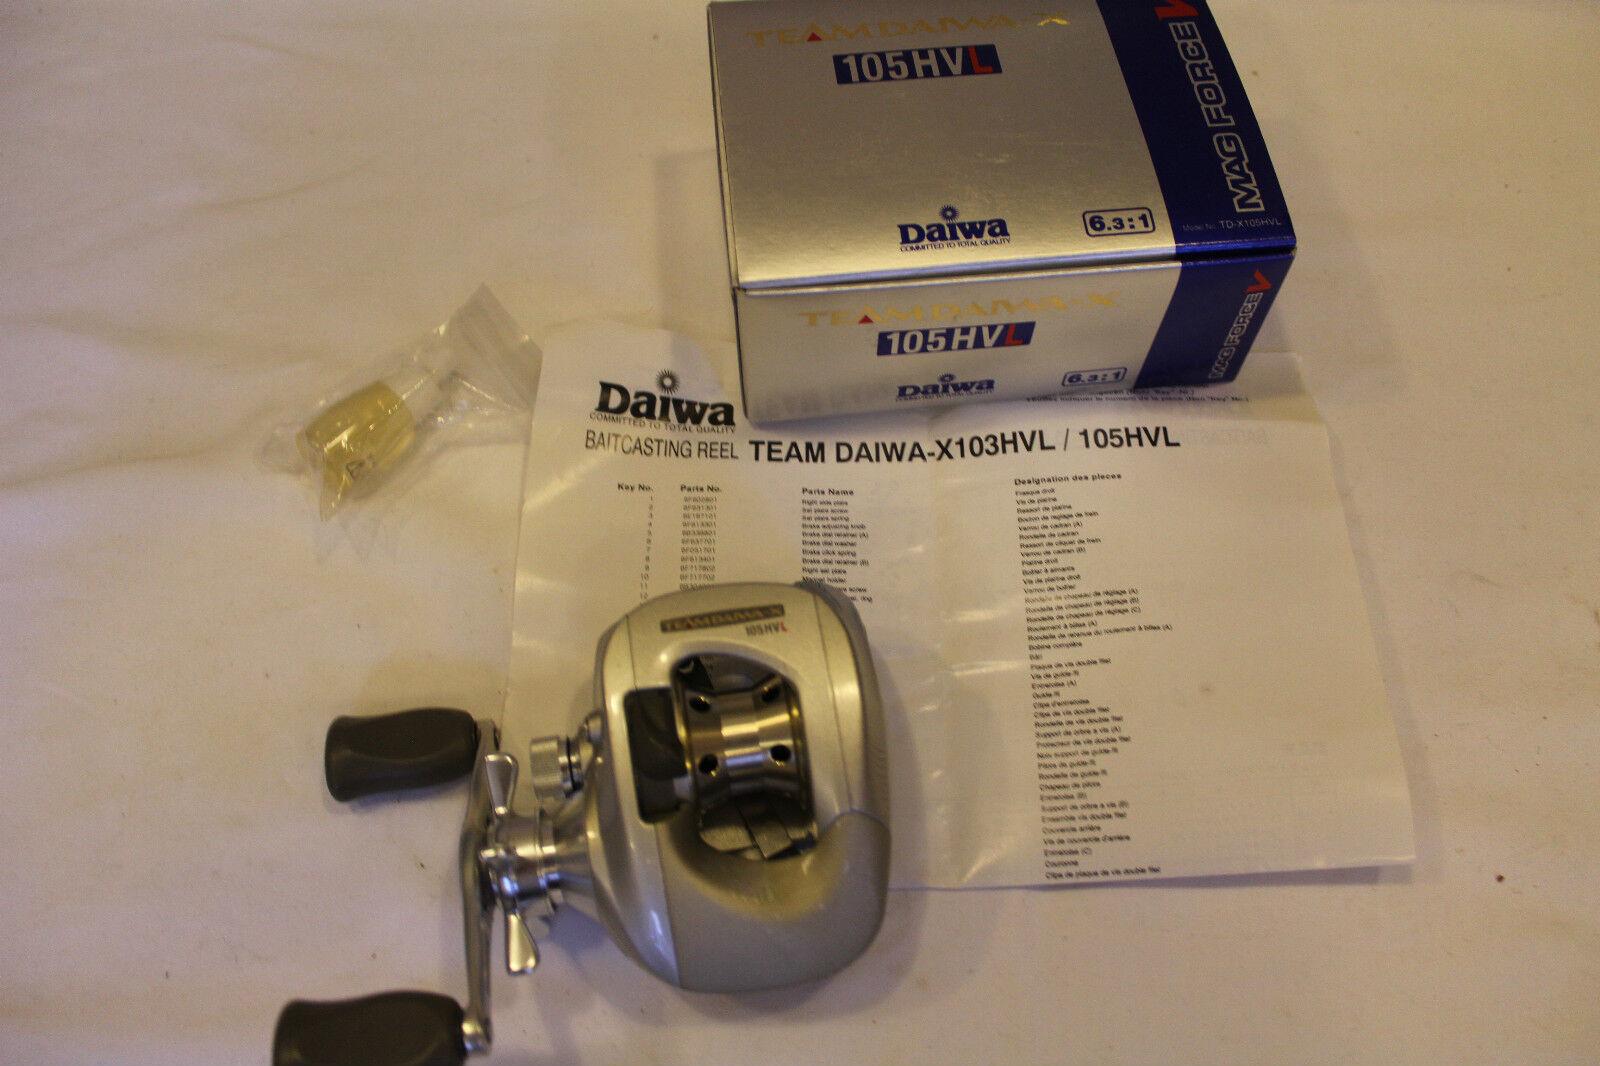 Daiwa 105hvl  Team Daiwa  - Left Hand-Made in Japan-NR 283